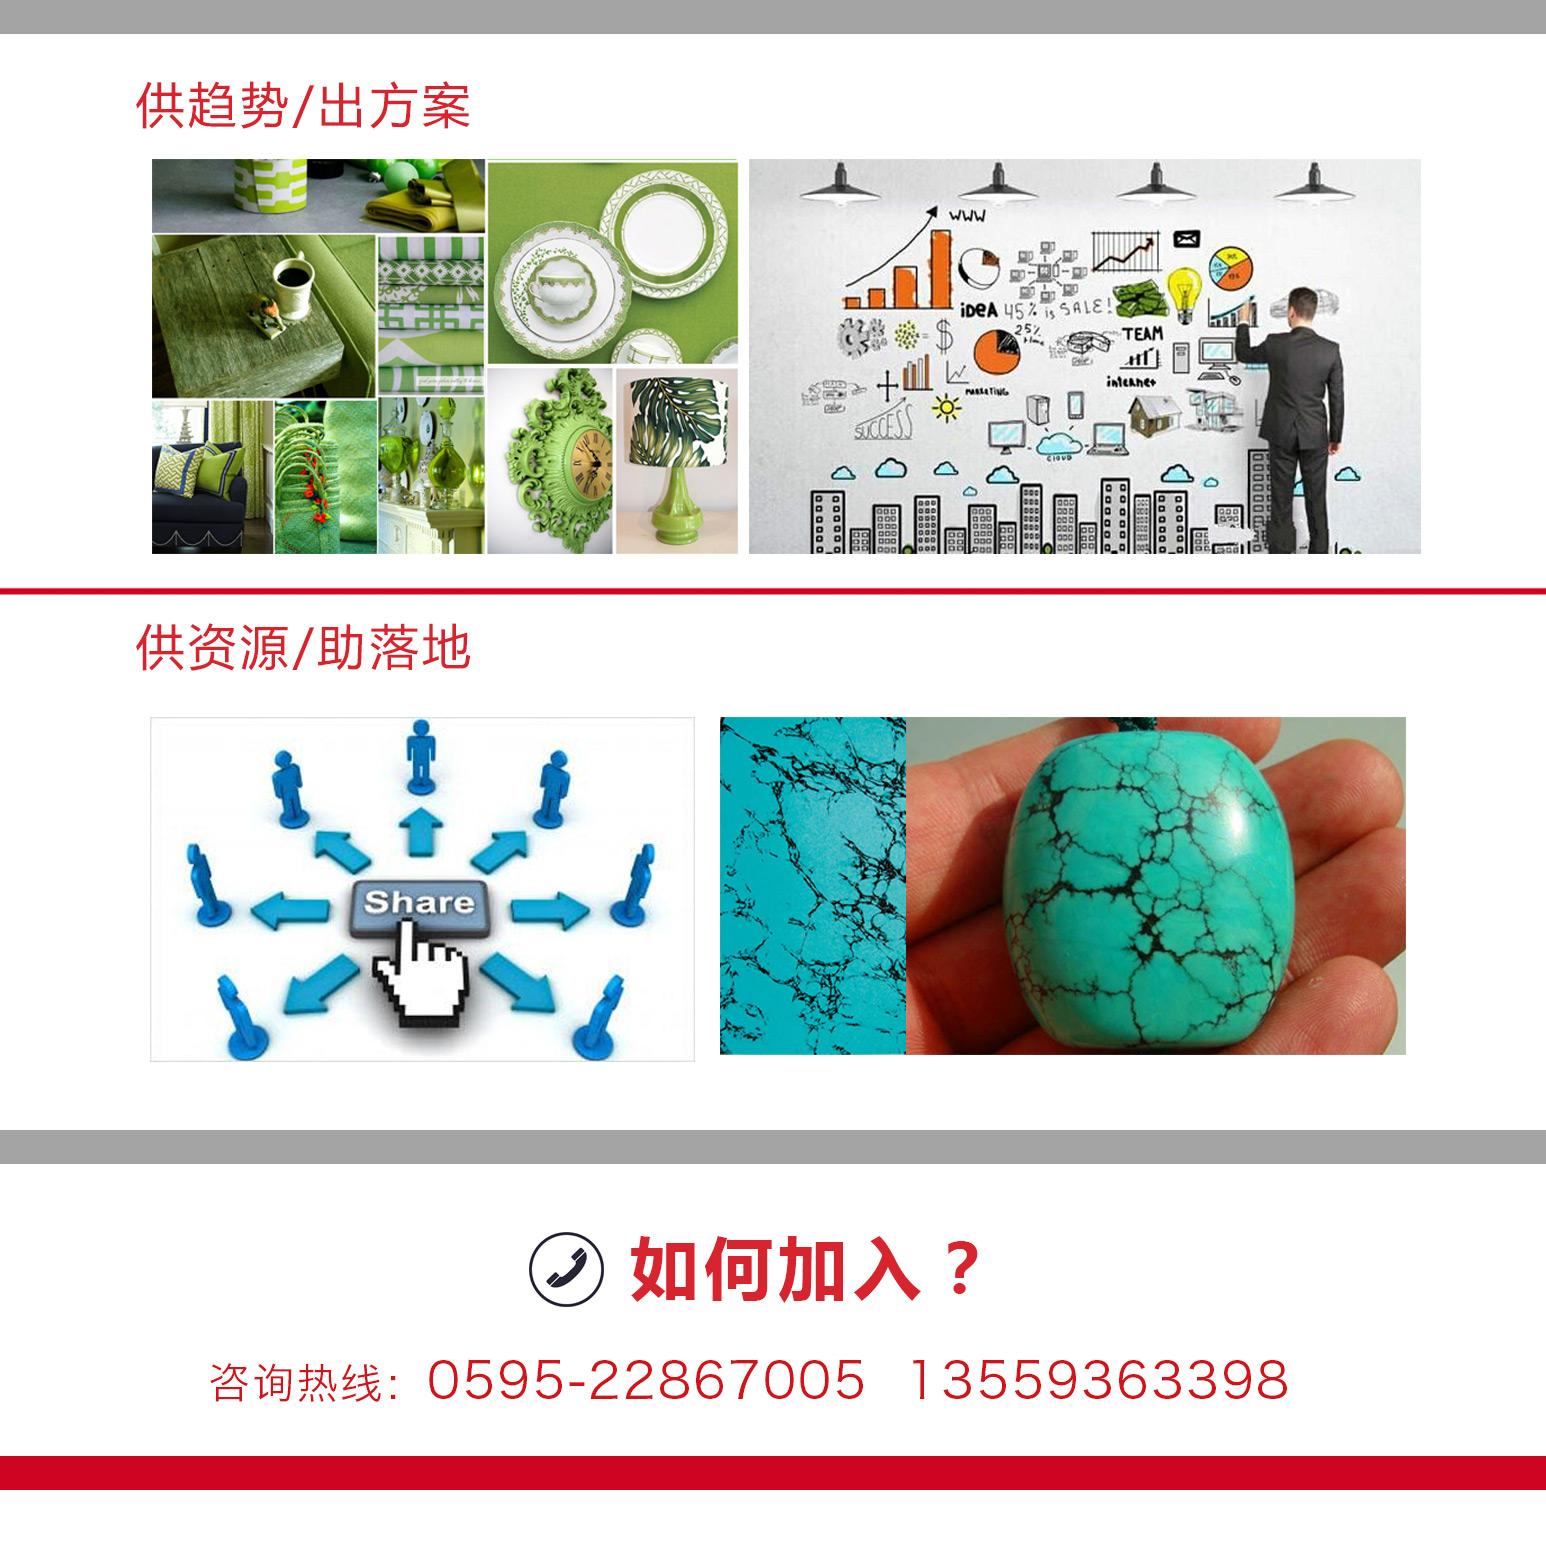 企业创新坊_05.jpg